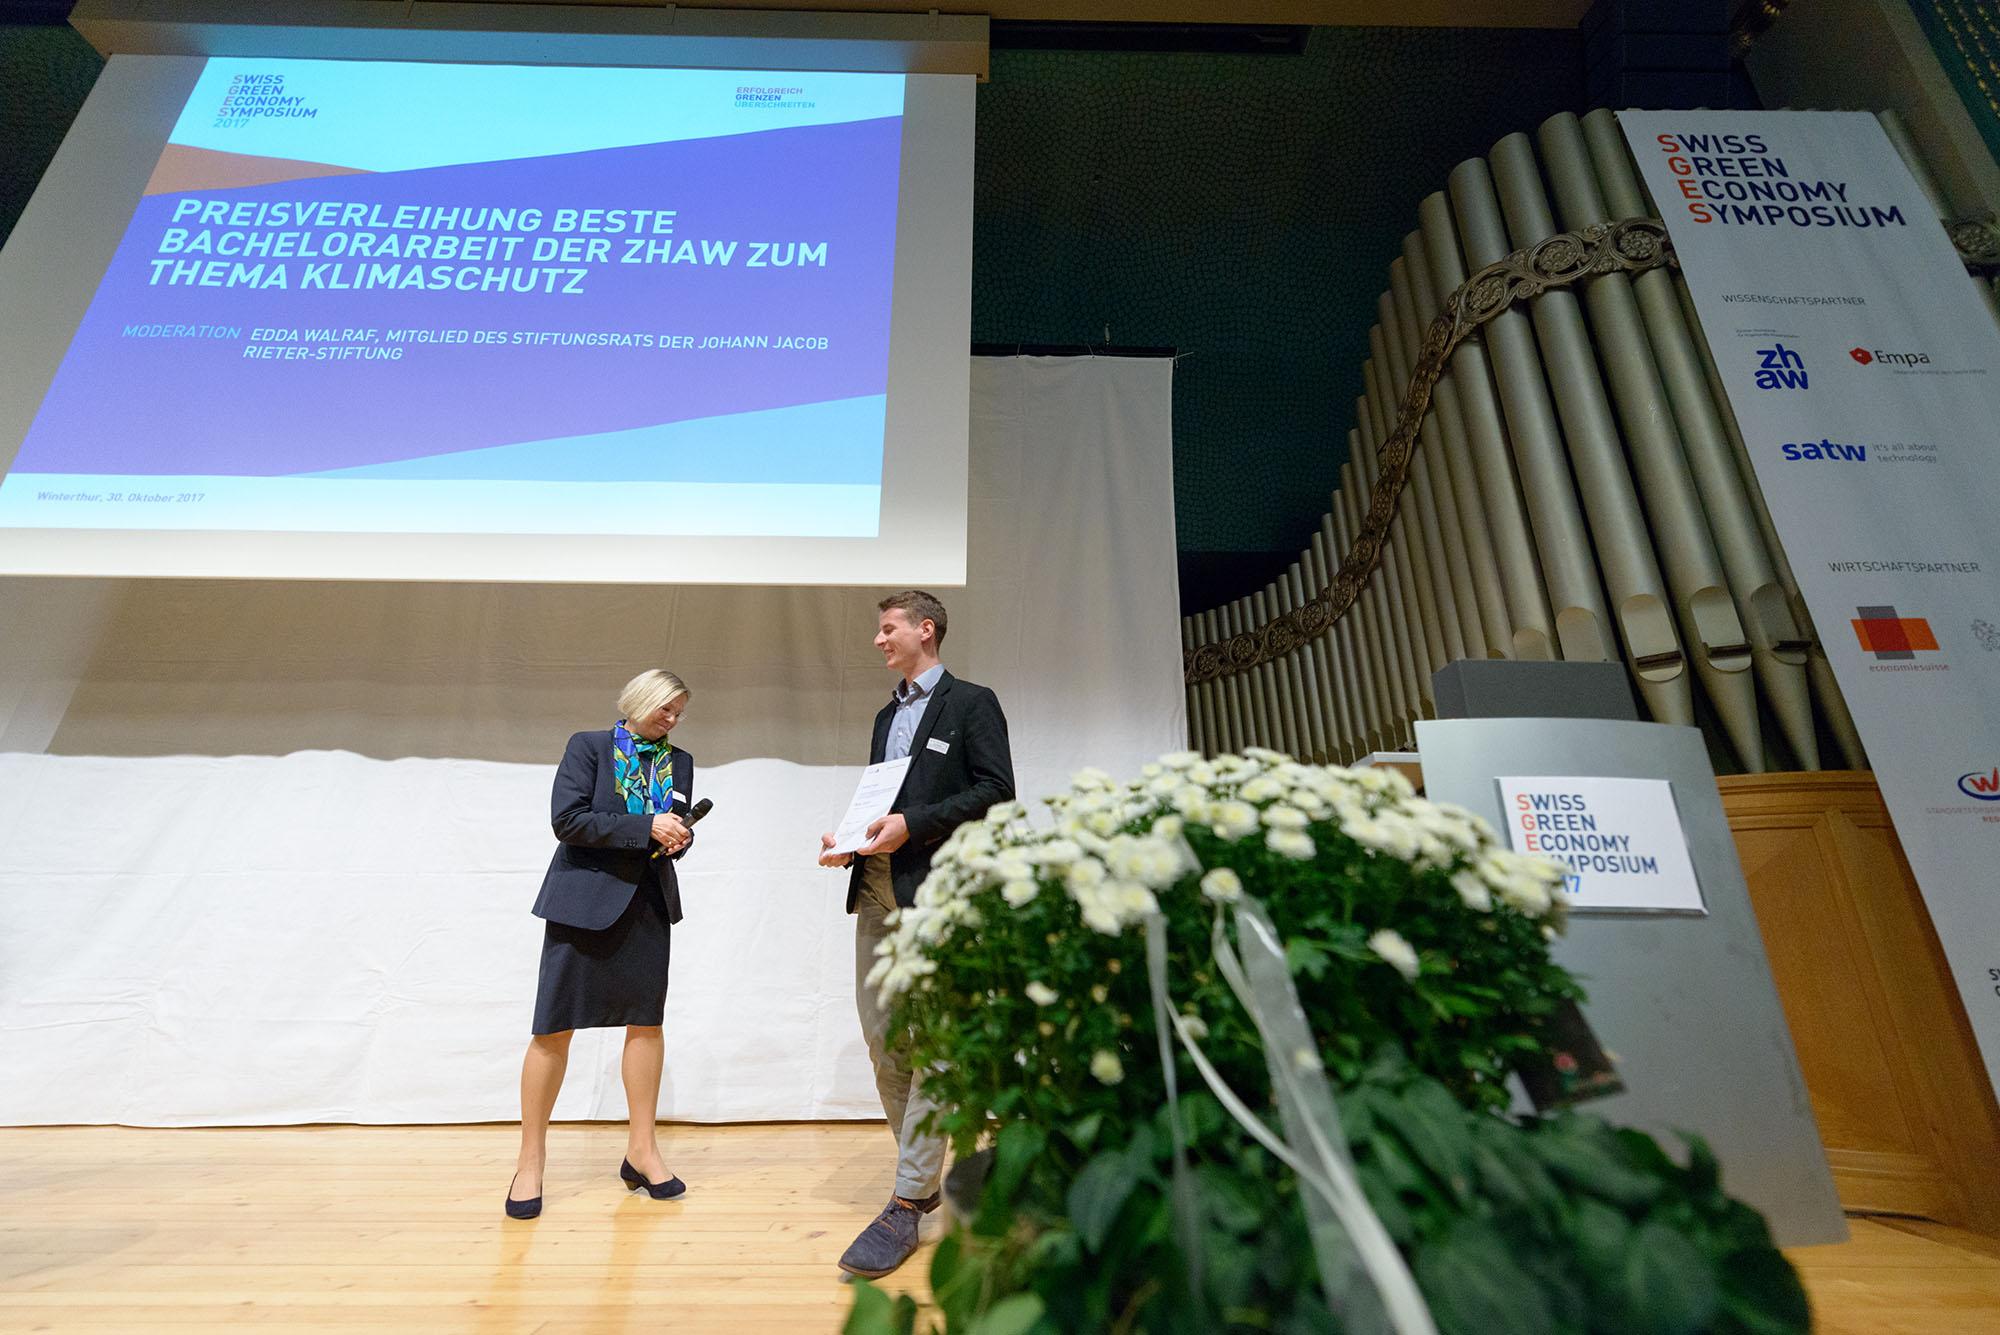 Edda Walraf, Raphael Knecht